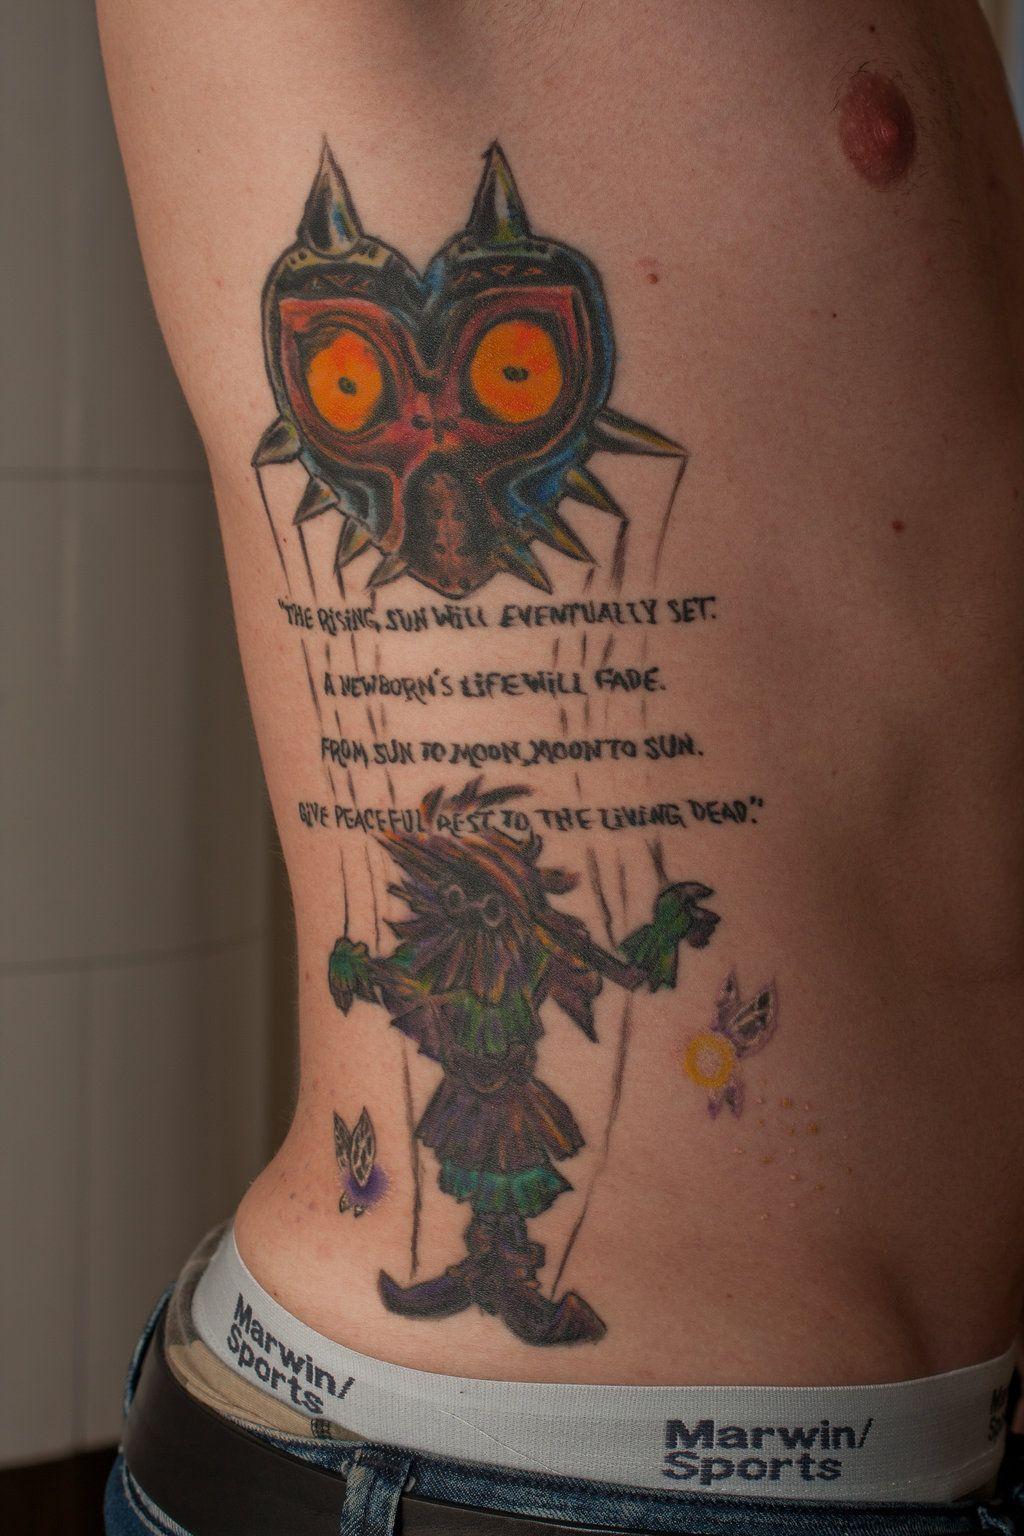 6b863f6aa Awesome Tattoo!   Funny   Zelda tattoo, Mask tattoo, Gamer tattoos